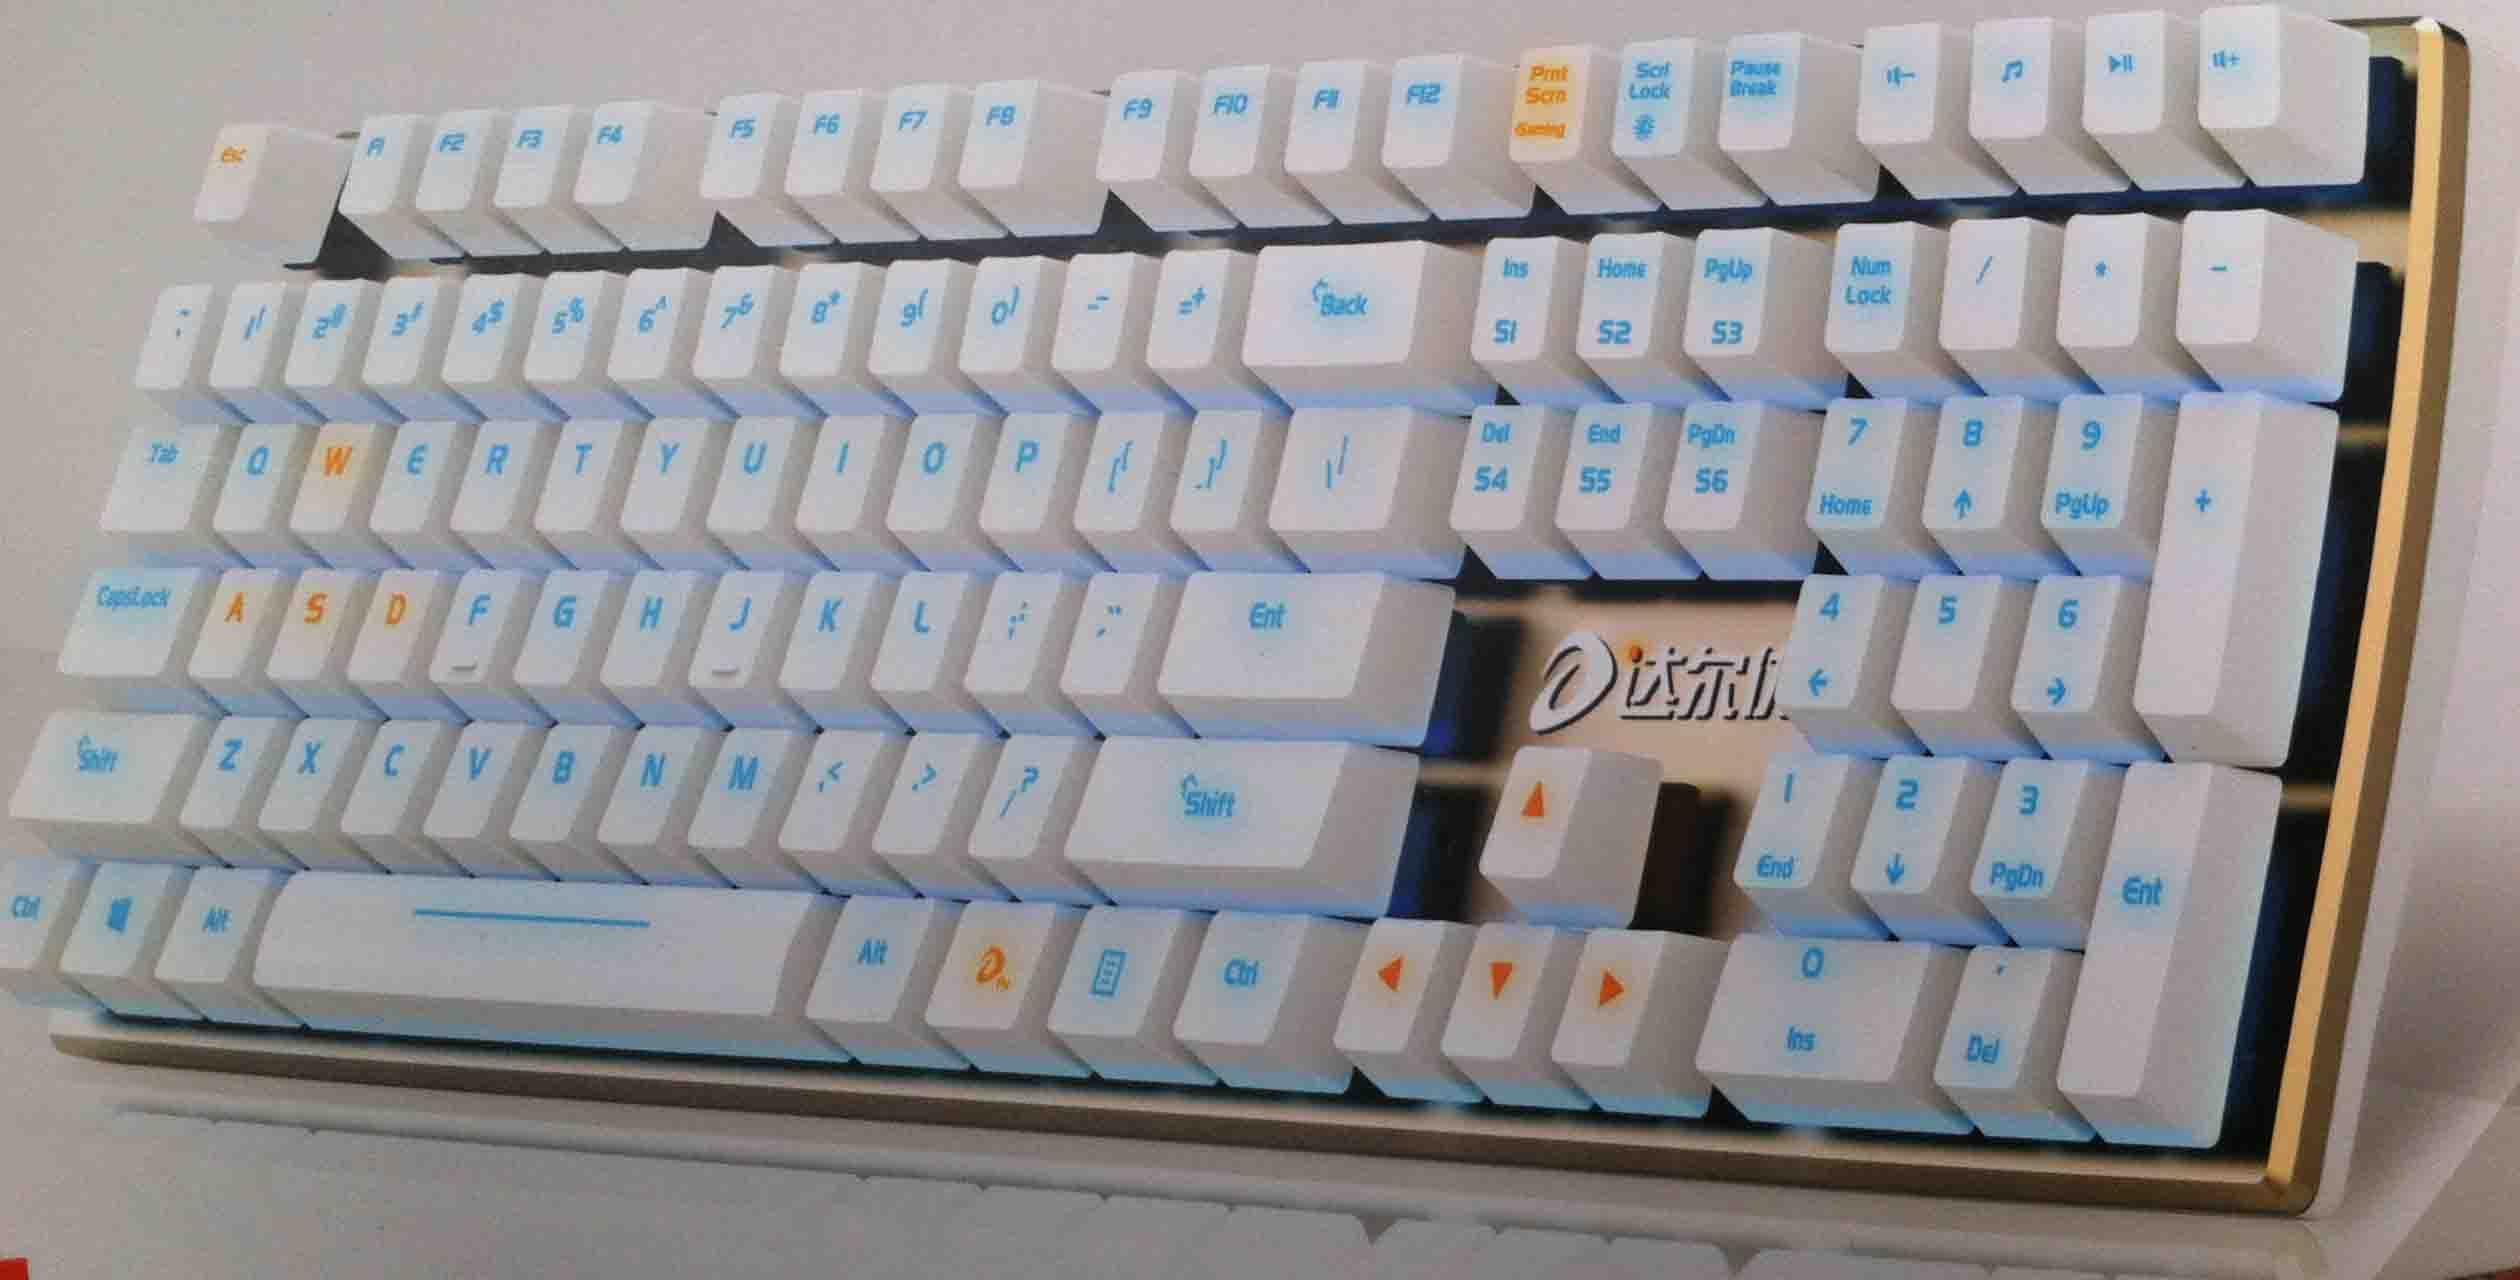 500元以内的机械键盘推荐_500元以内机械键盘什么牌子好